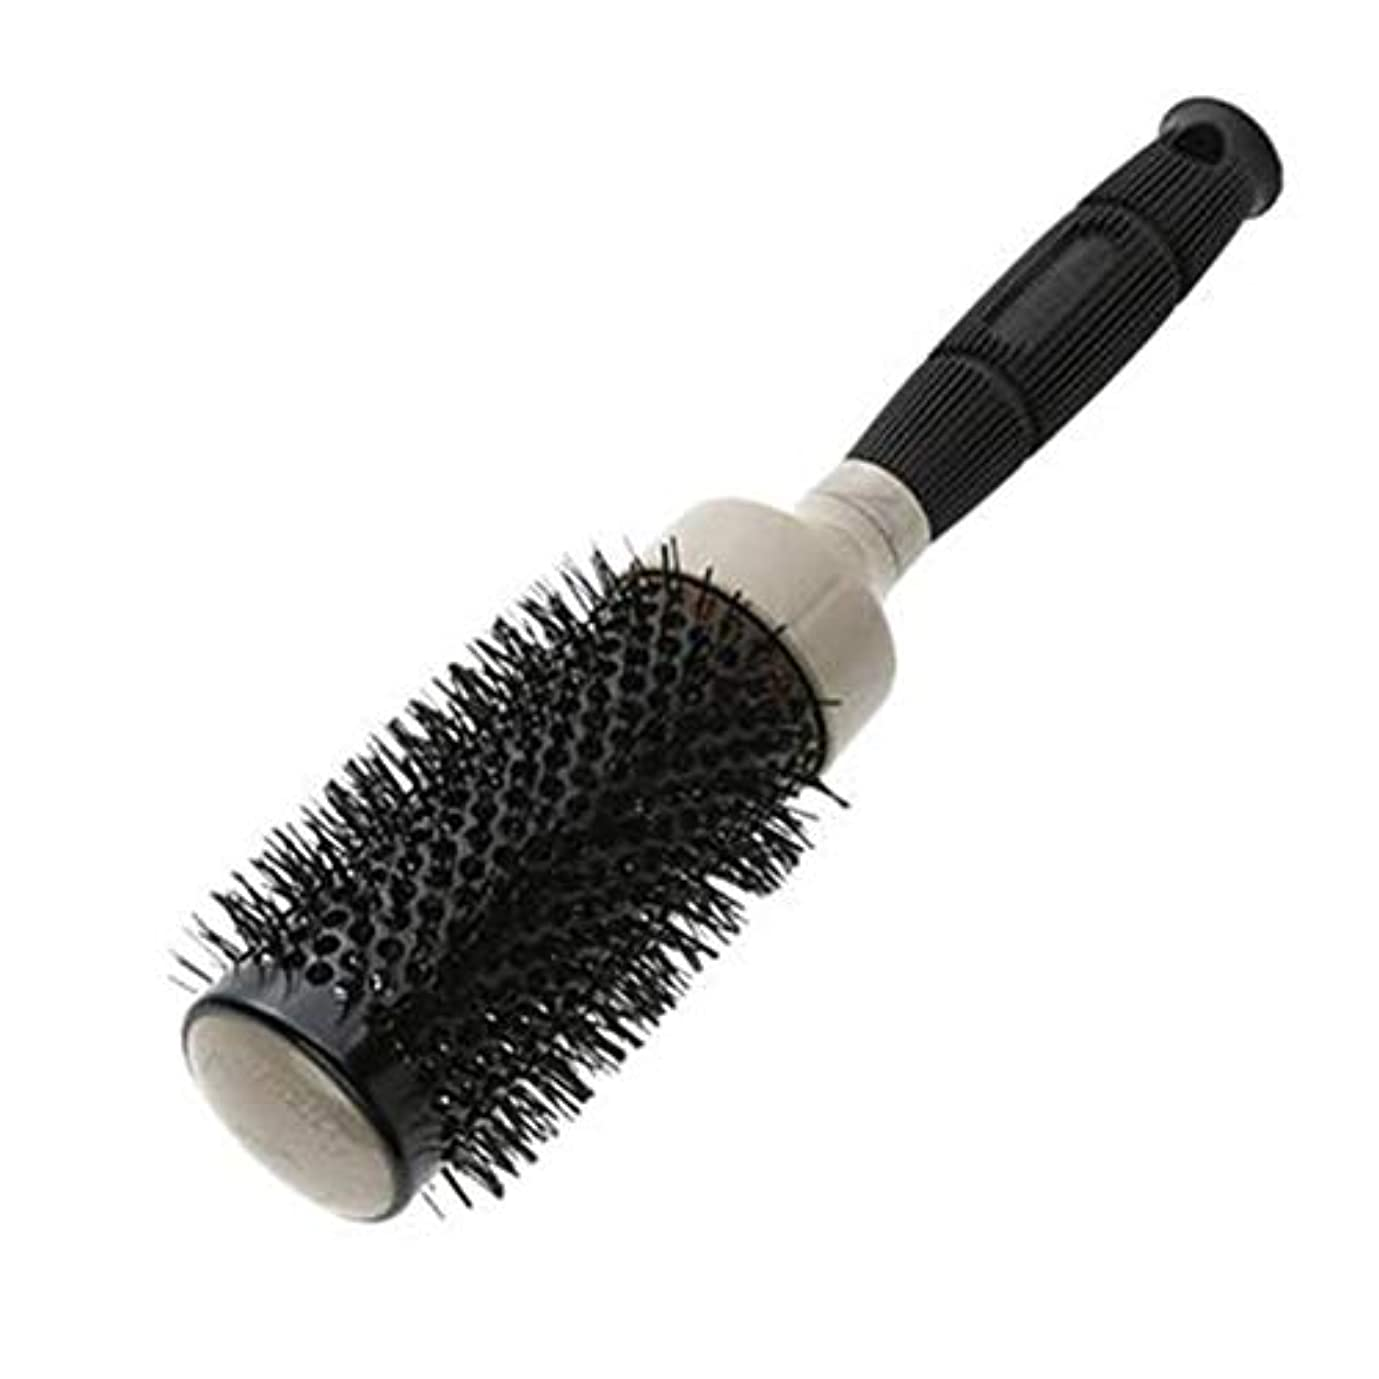 移行する指令破裂Liaowendi セラミックカーリングブラシ理髪サロンスタイリングツールラウンドヘアブラシマッサージ (Color : '53)